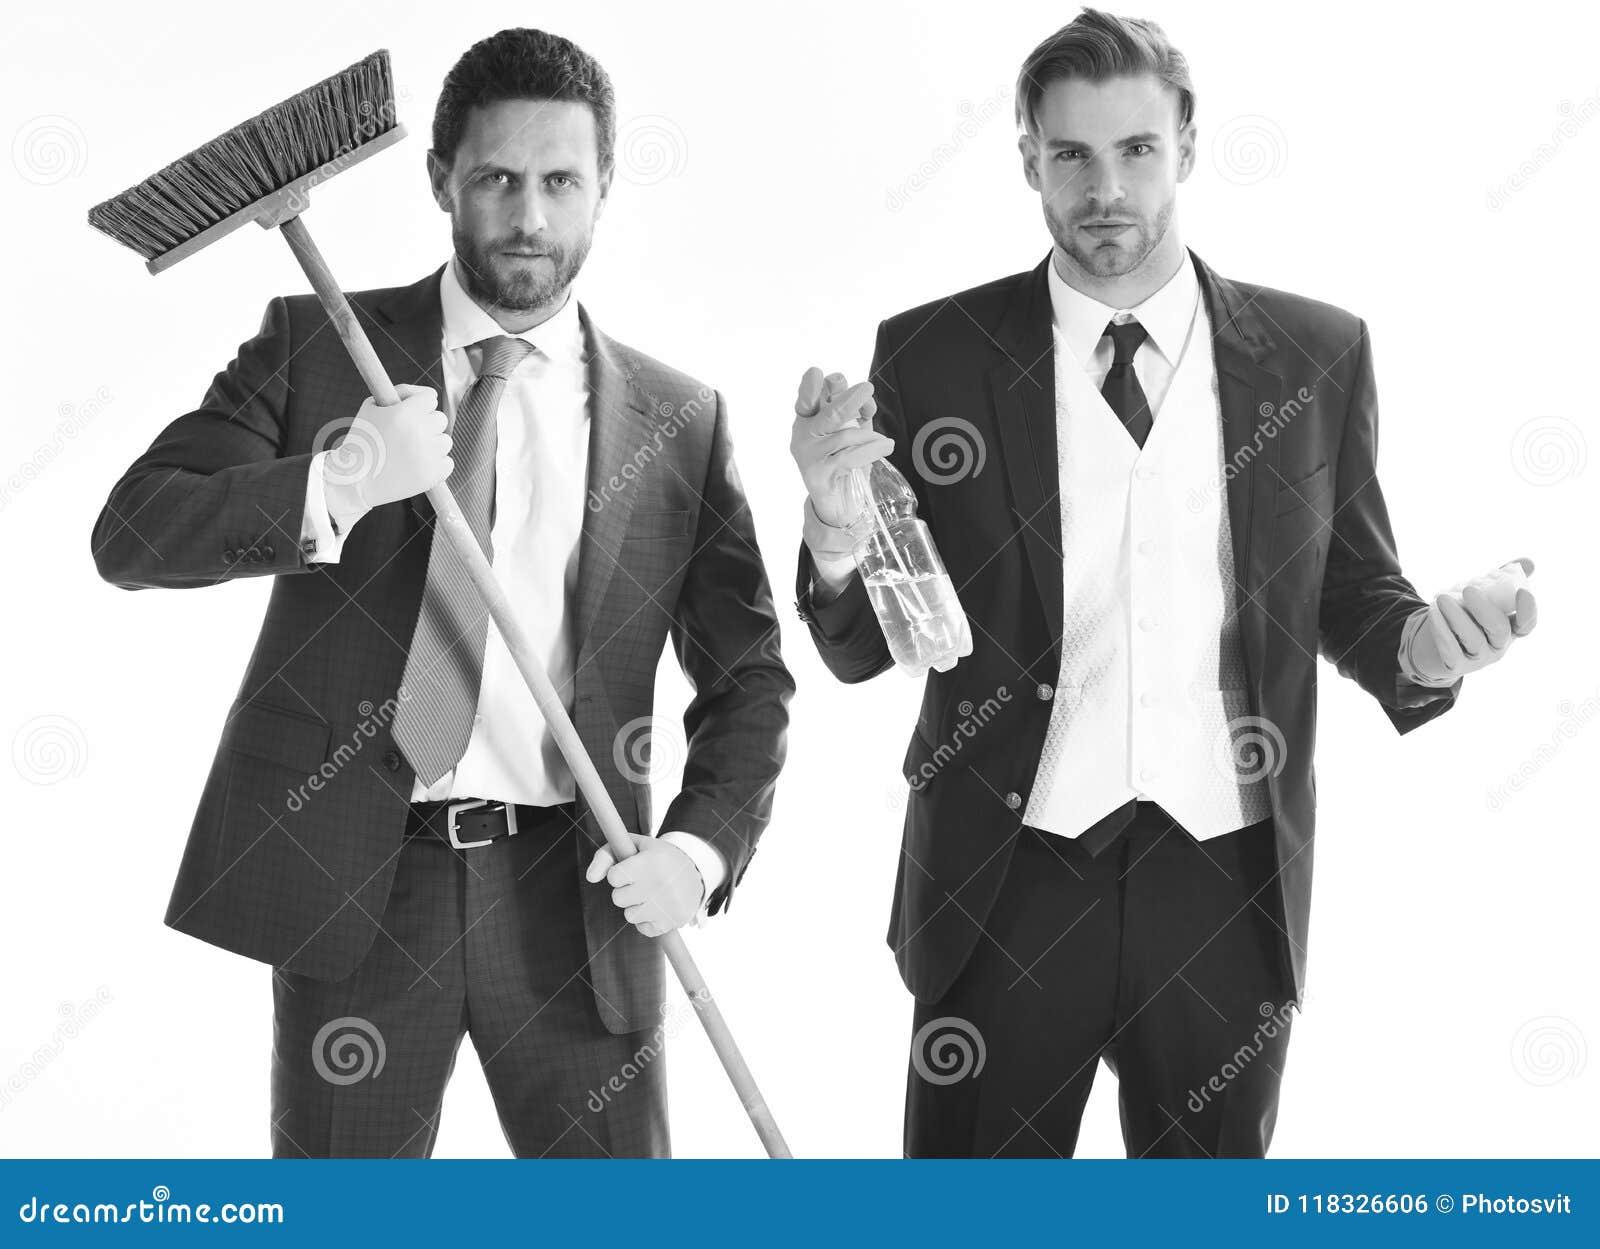 Bedrijfsmensen met baarden en zwabber